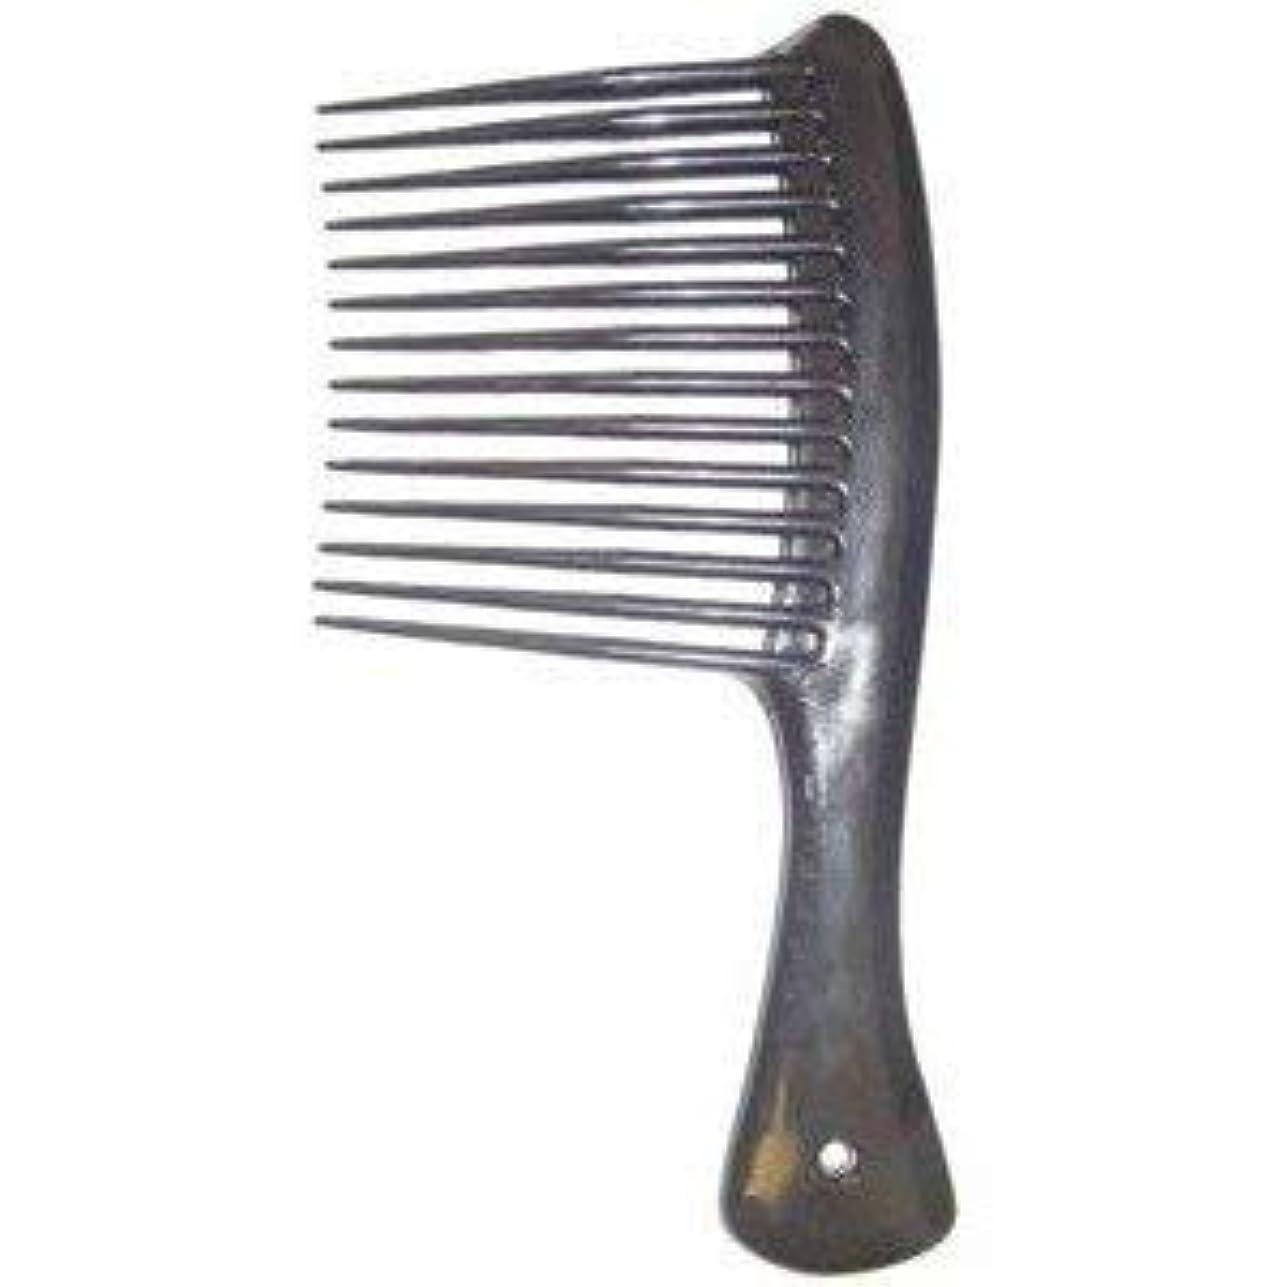 魂マングルコロニアルLarge Tooth Shampoo Detangling Comb Rack Hair Comb (Black) [並行輸入品]